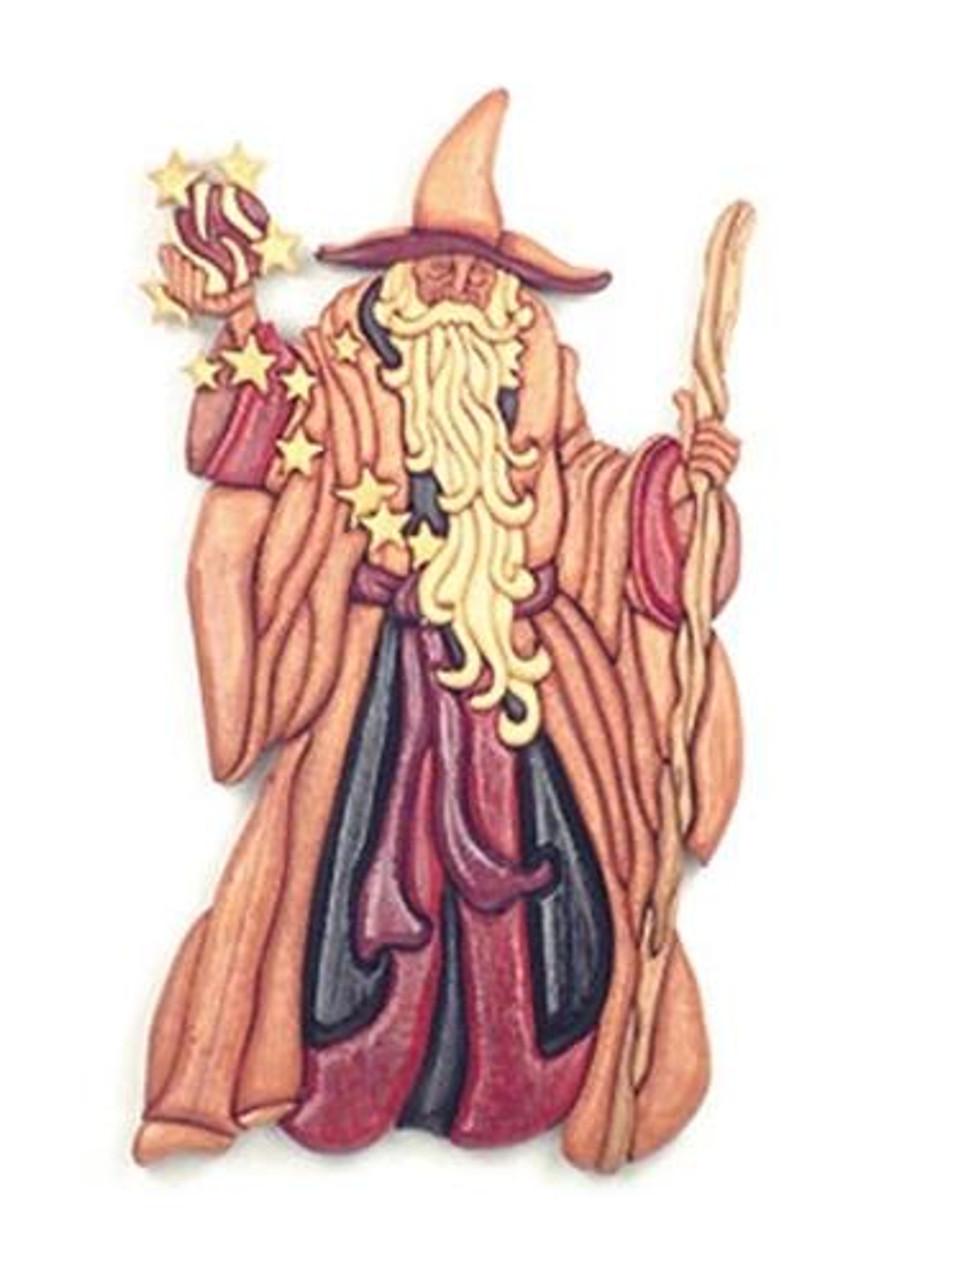 Cherry Tree Toys Wizard Intarsia Plan